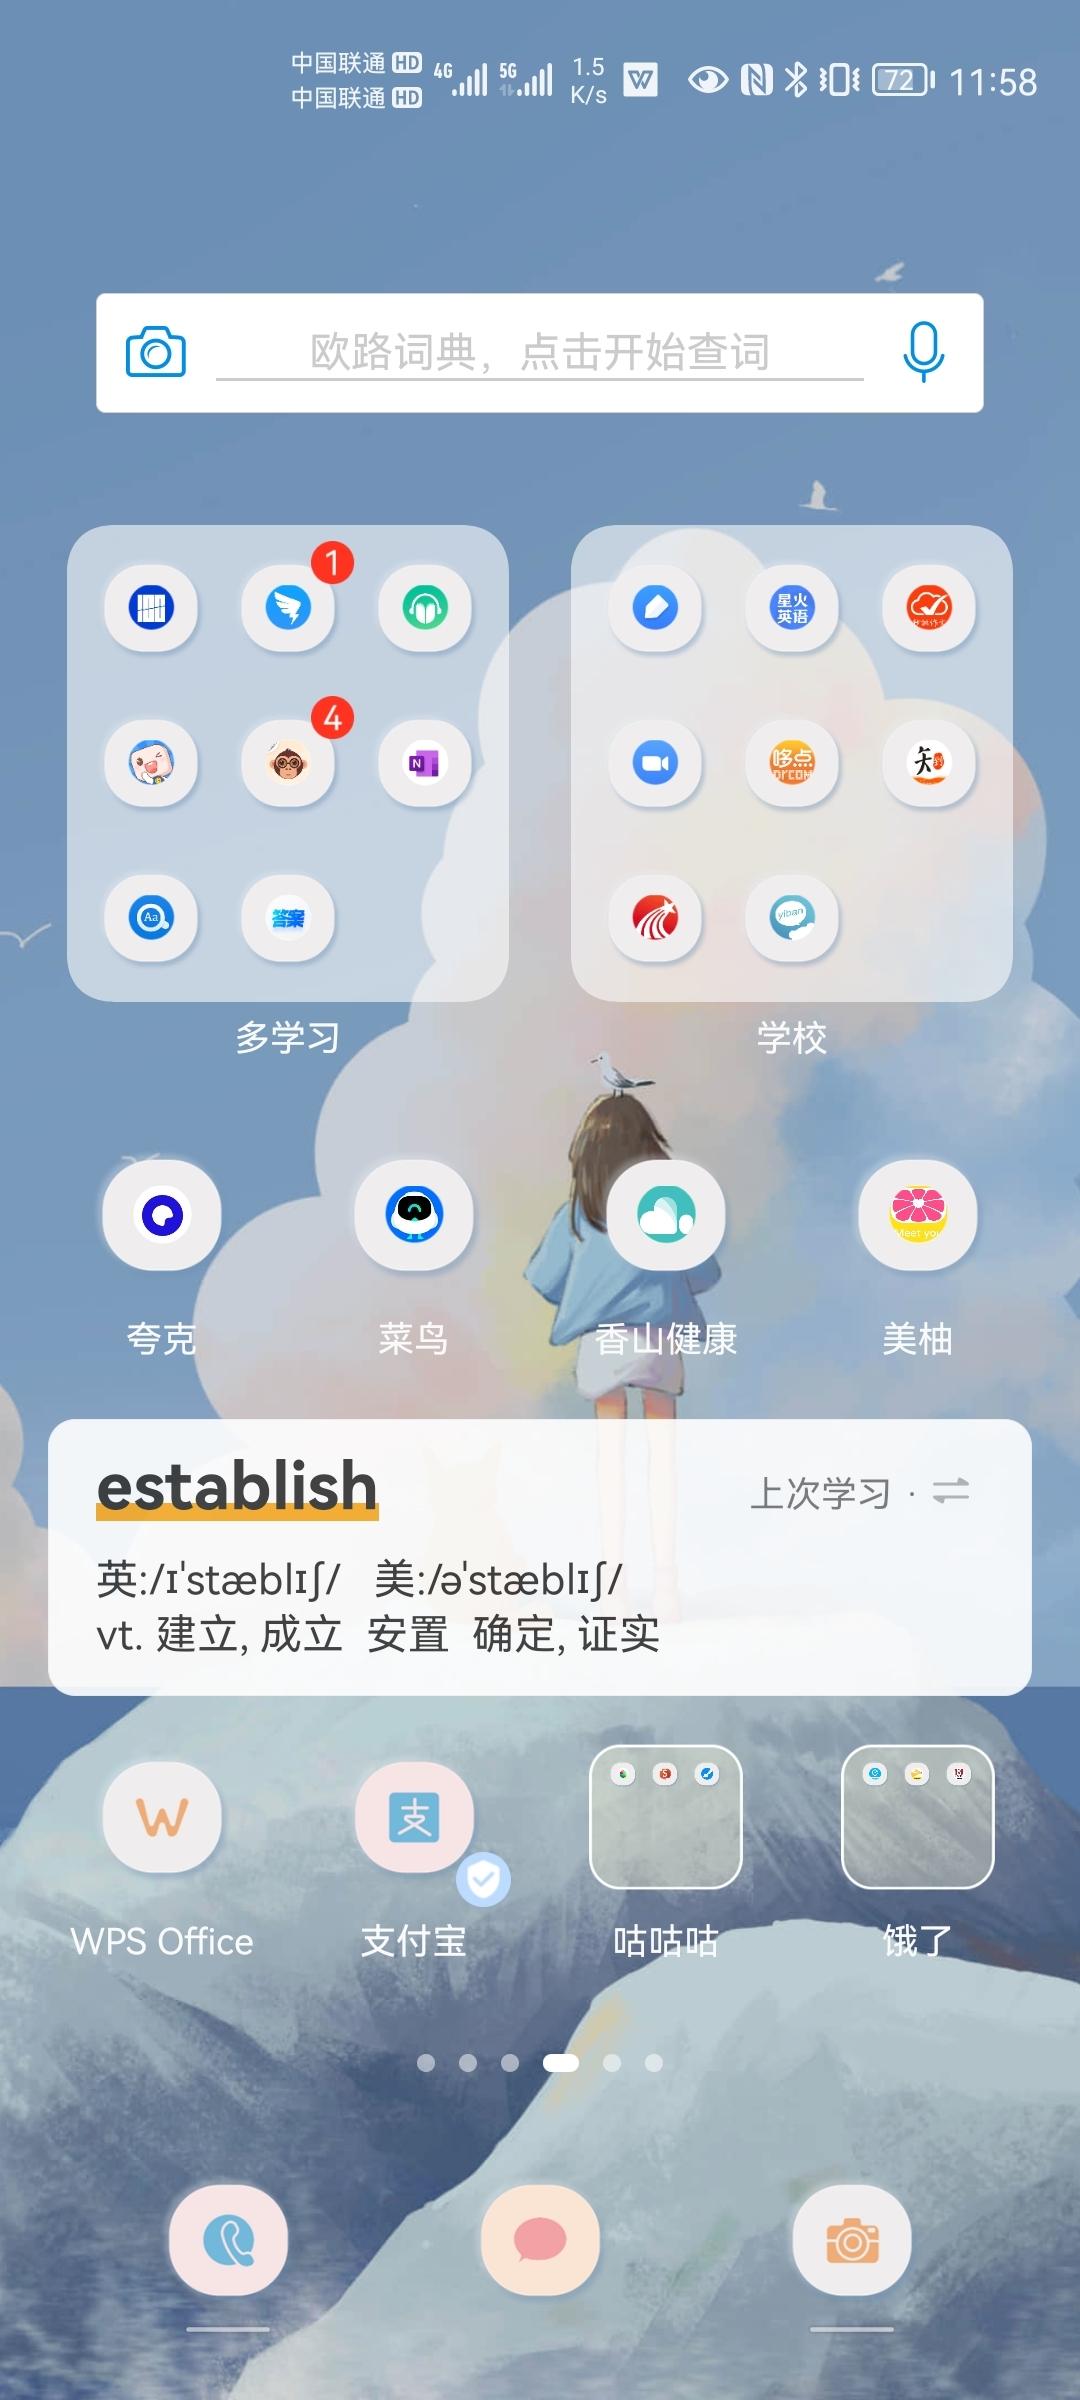 Screenshot_20210812_115811_com.huawei.android.launcher.jpg